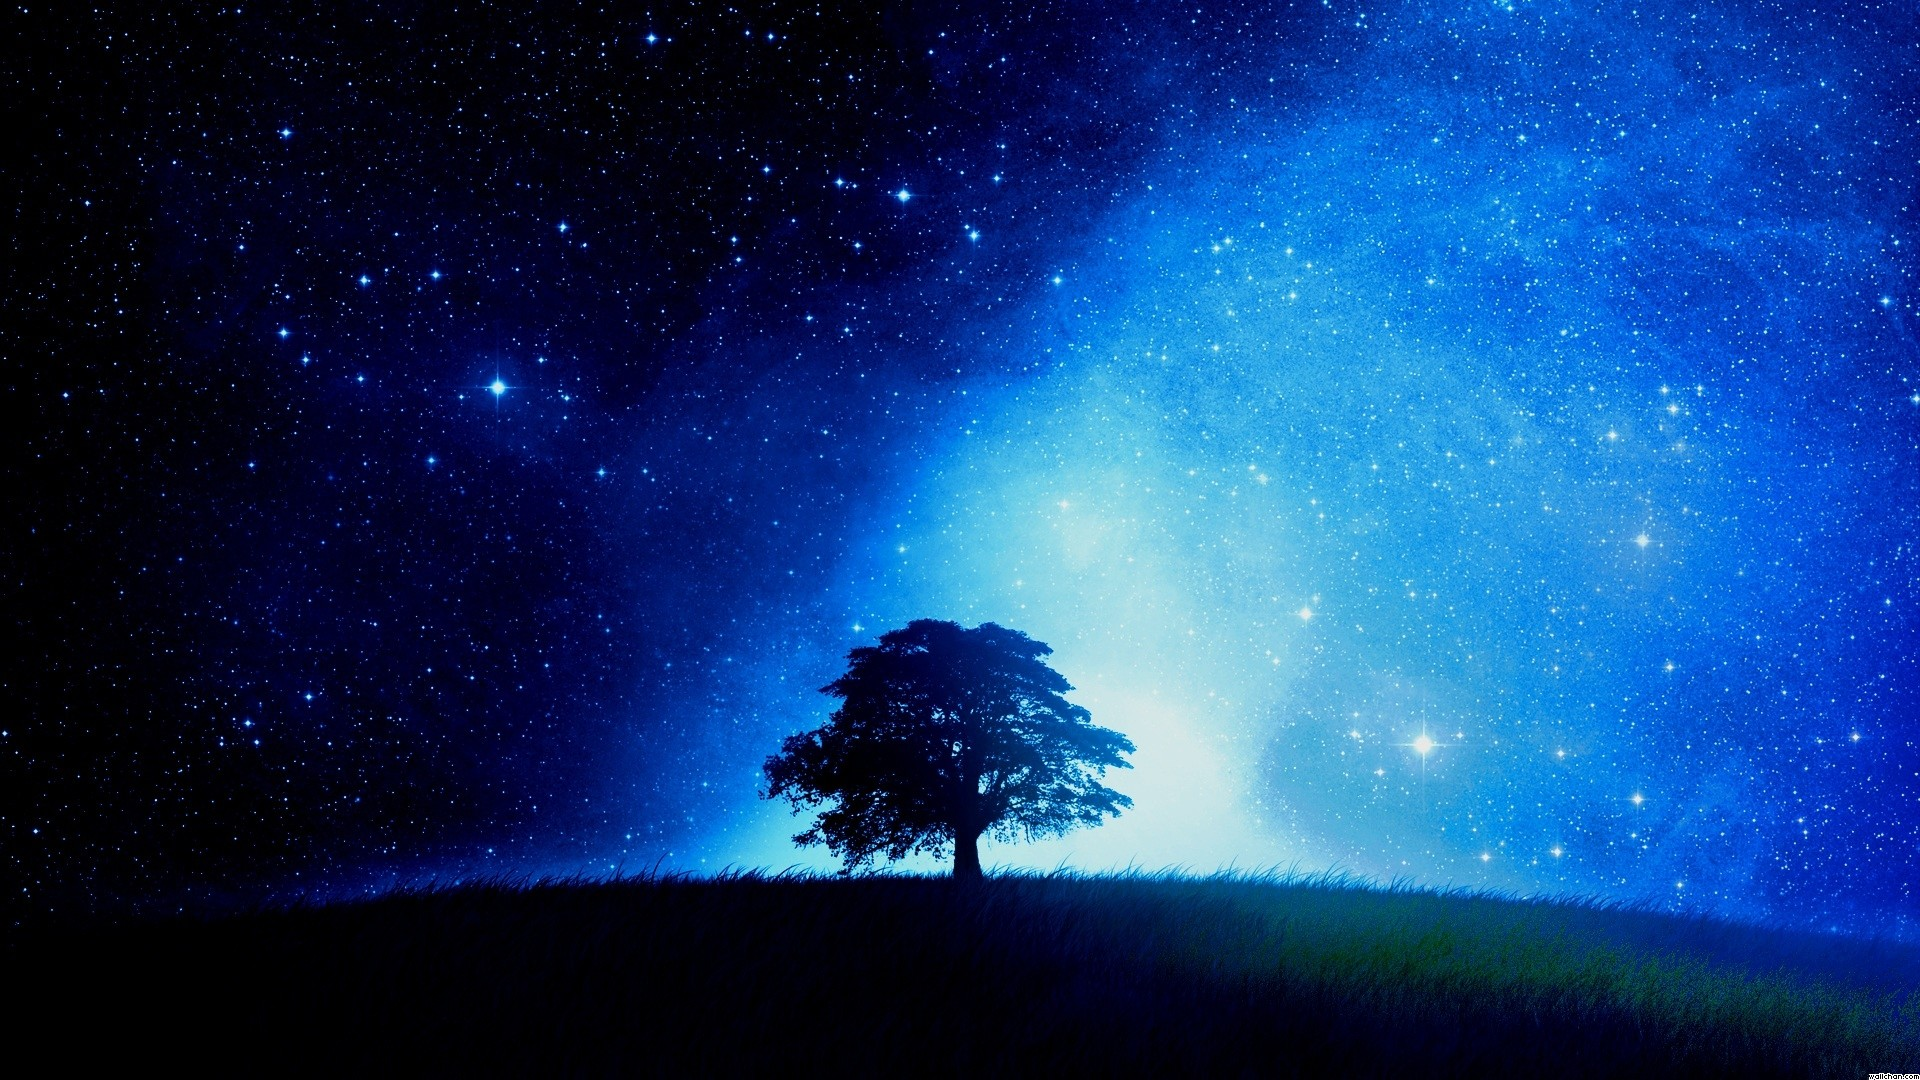 Star Night Wallpaper